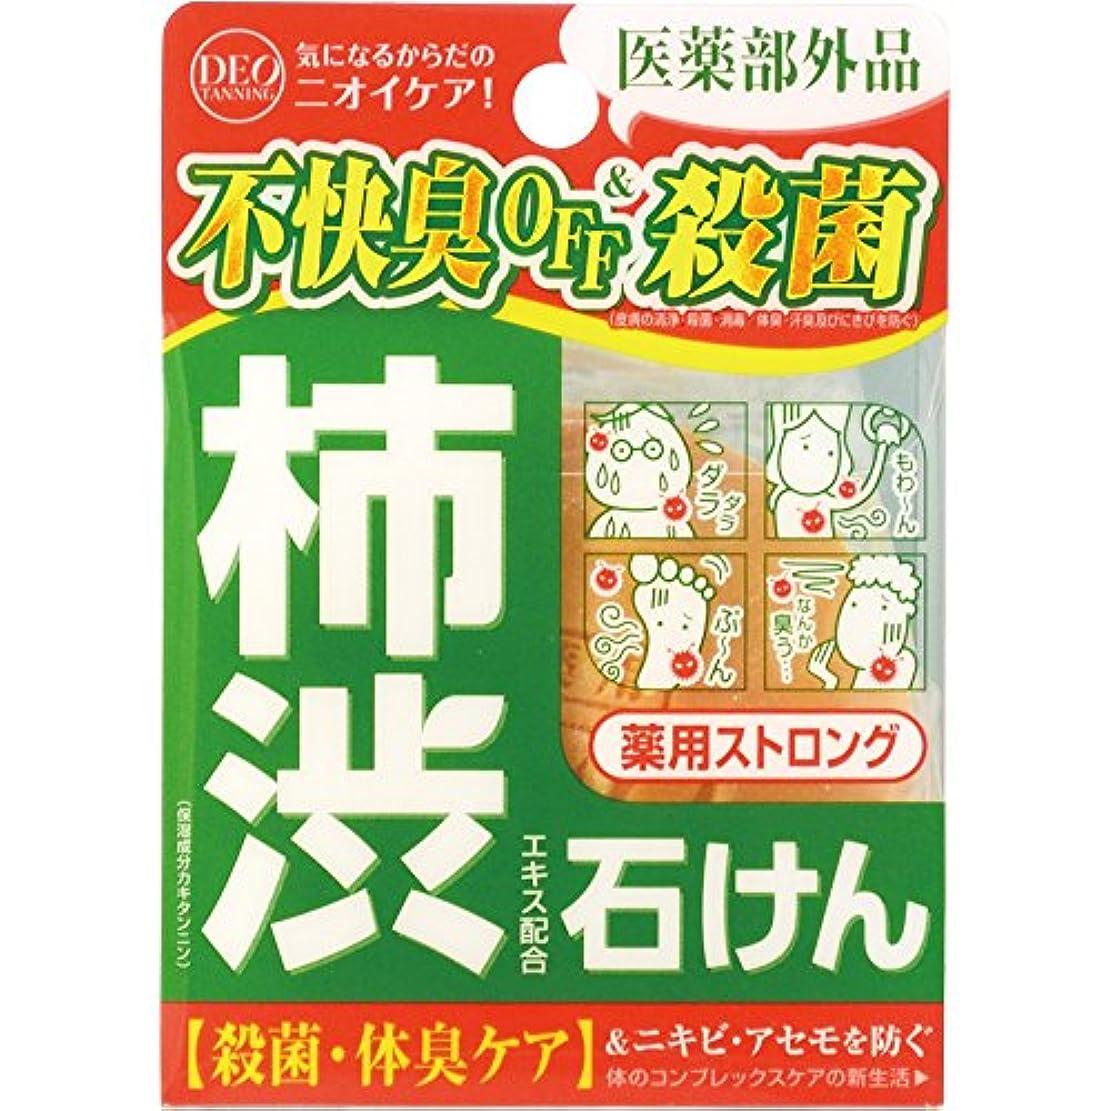 に対処する電子爵デオタンニング 薬用ストロング ソープ 100g (医薬部外品)